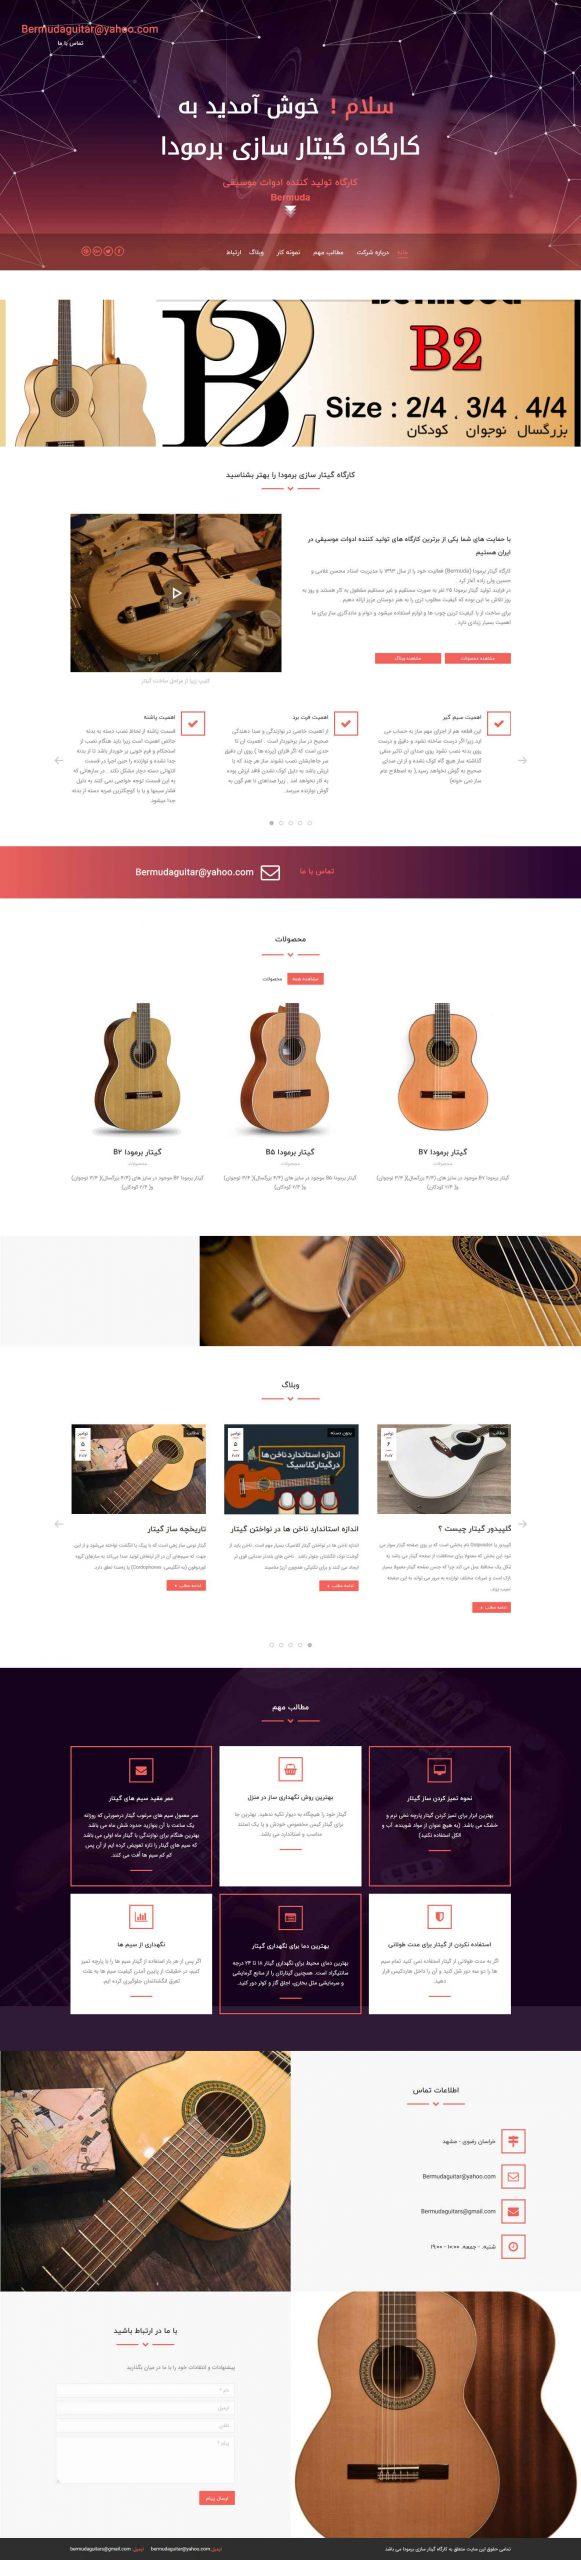 گیتار فروشی برمودا